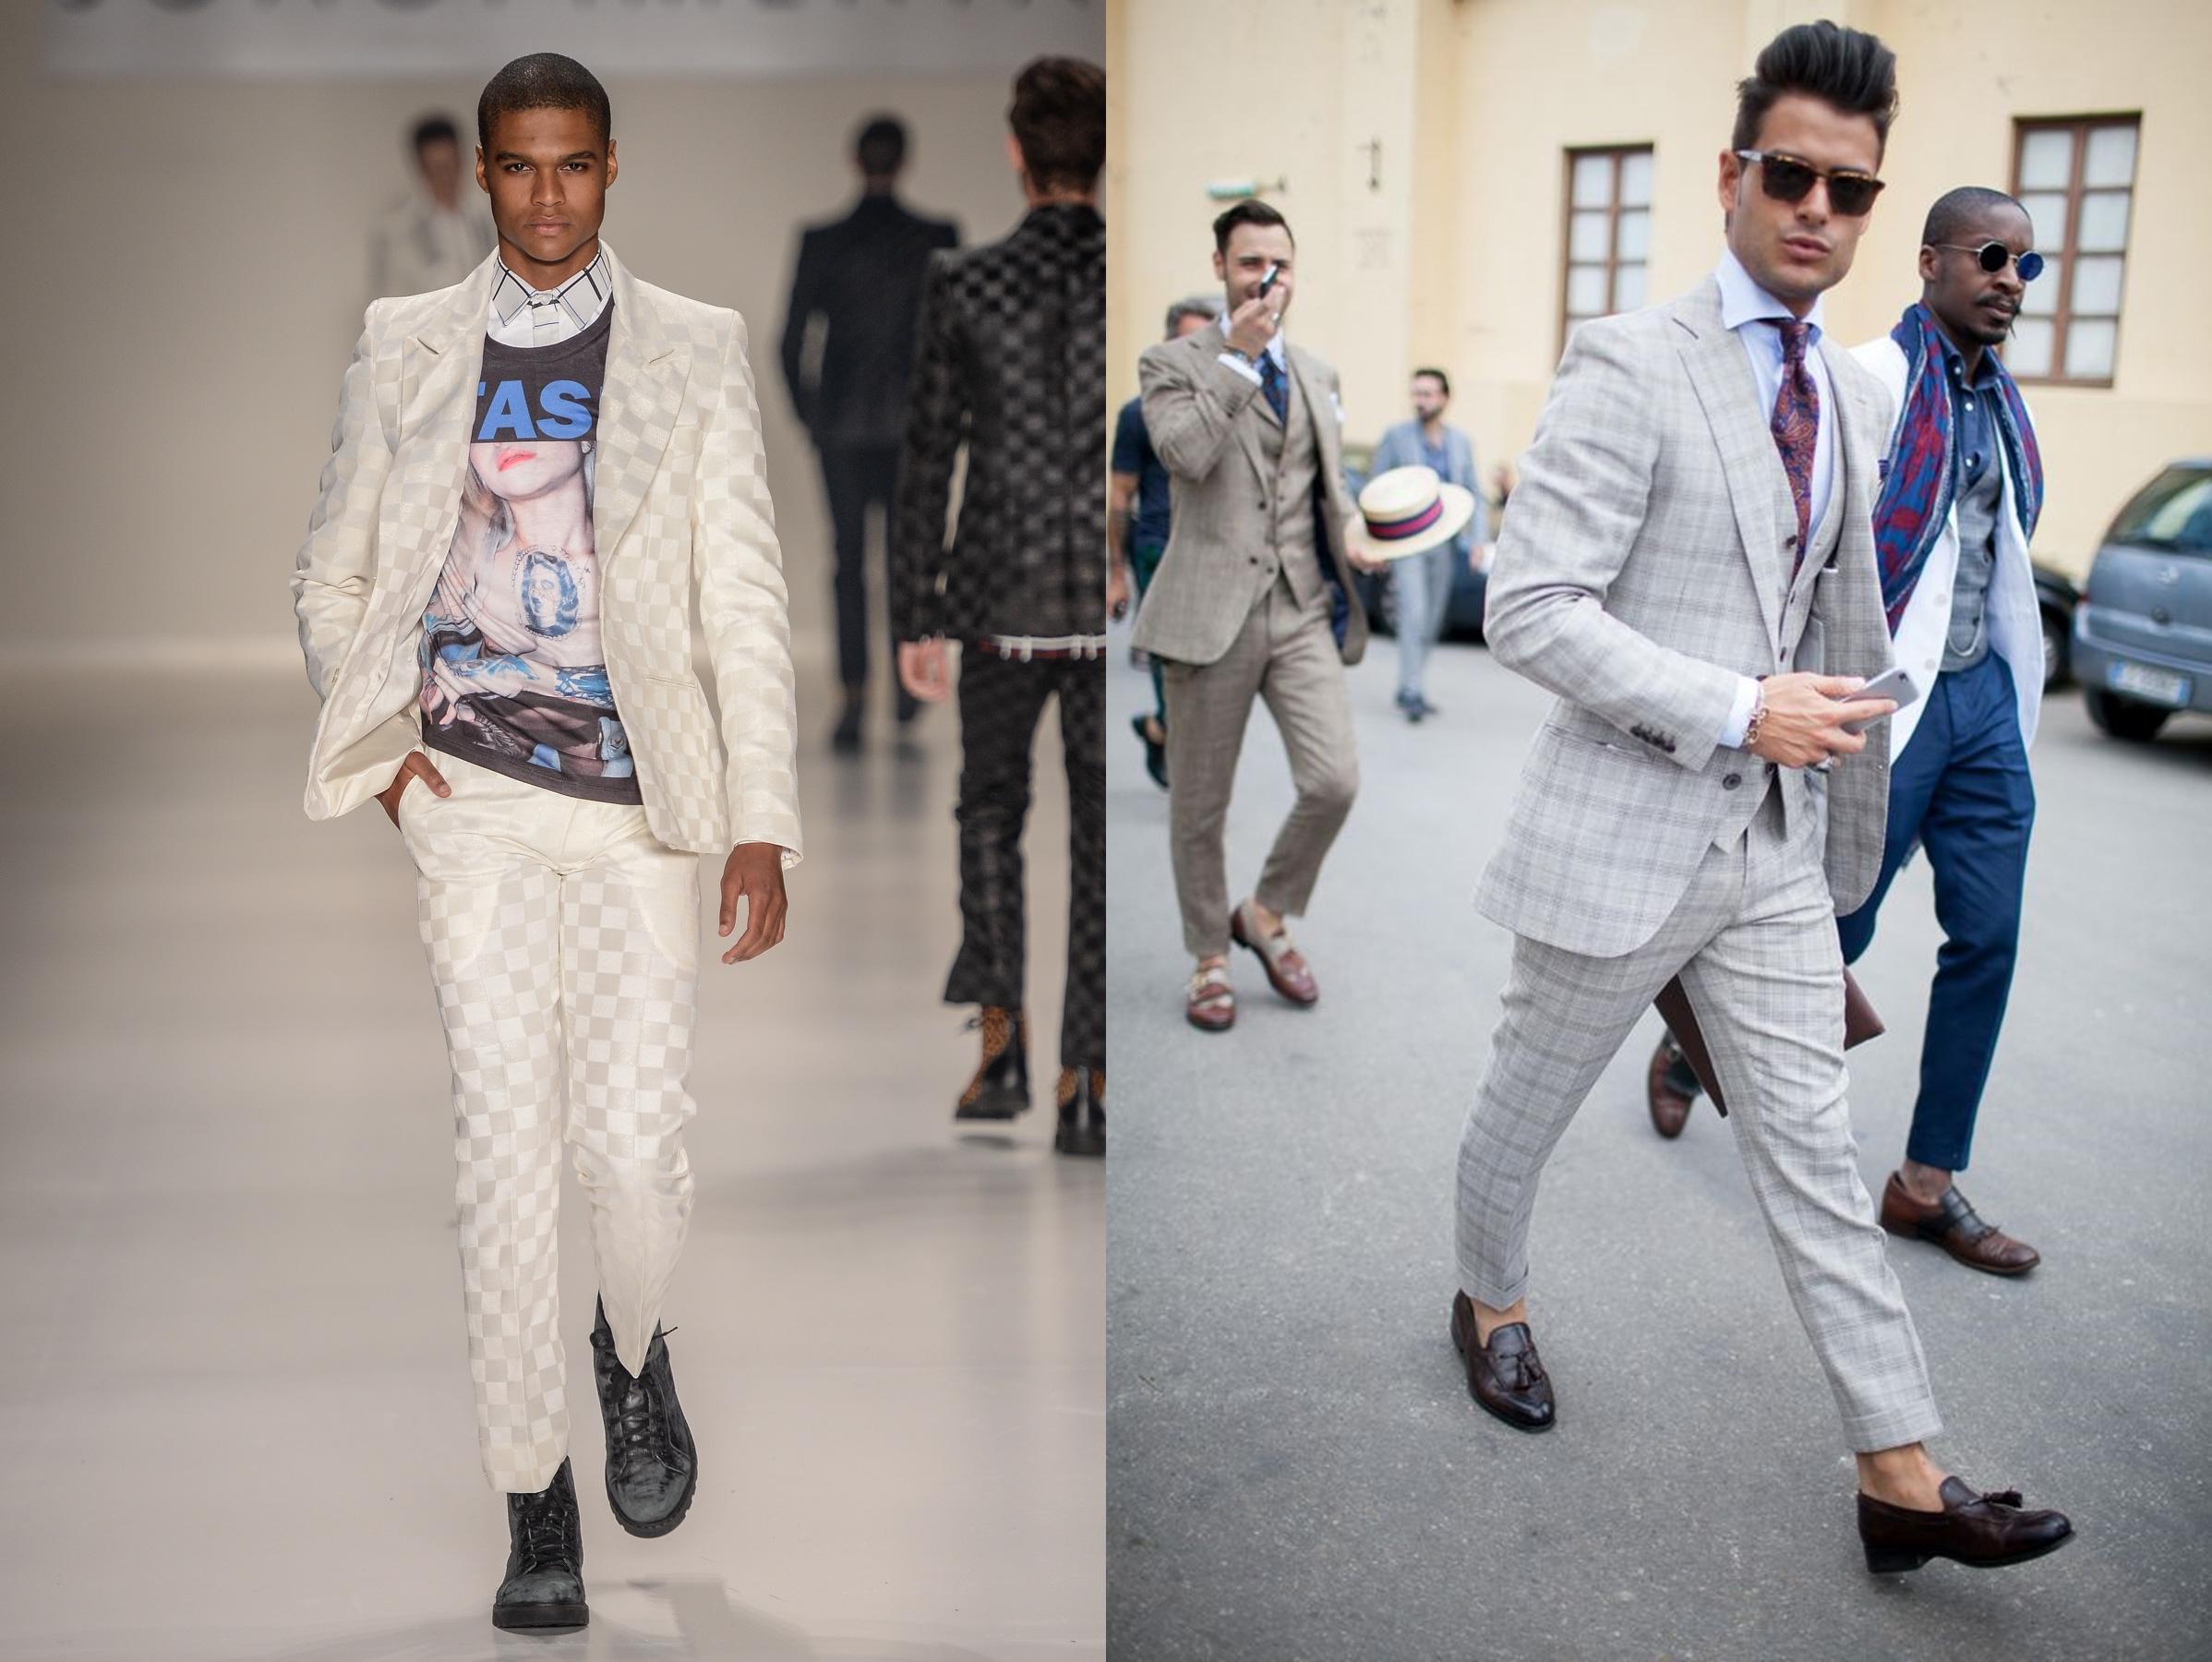 tendencia 2015, tendencia masculina, moda masculina, alex cursino, blog de moda, moda sem censura, trends, fashion tips, dicas de moda, dicas de estilo, style, mens, 3